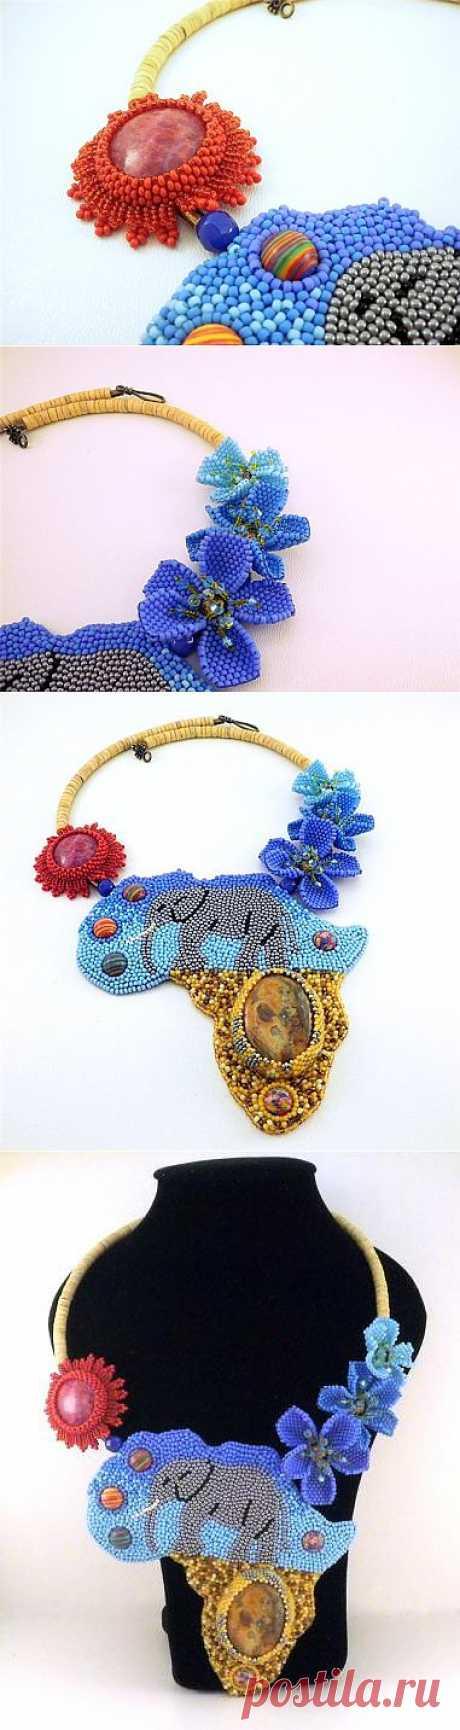 Слон | biser.info - всё о бисере и бисерном творчестве